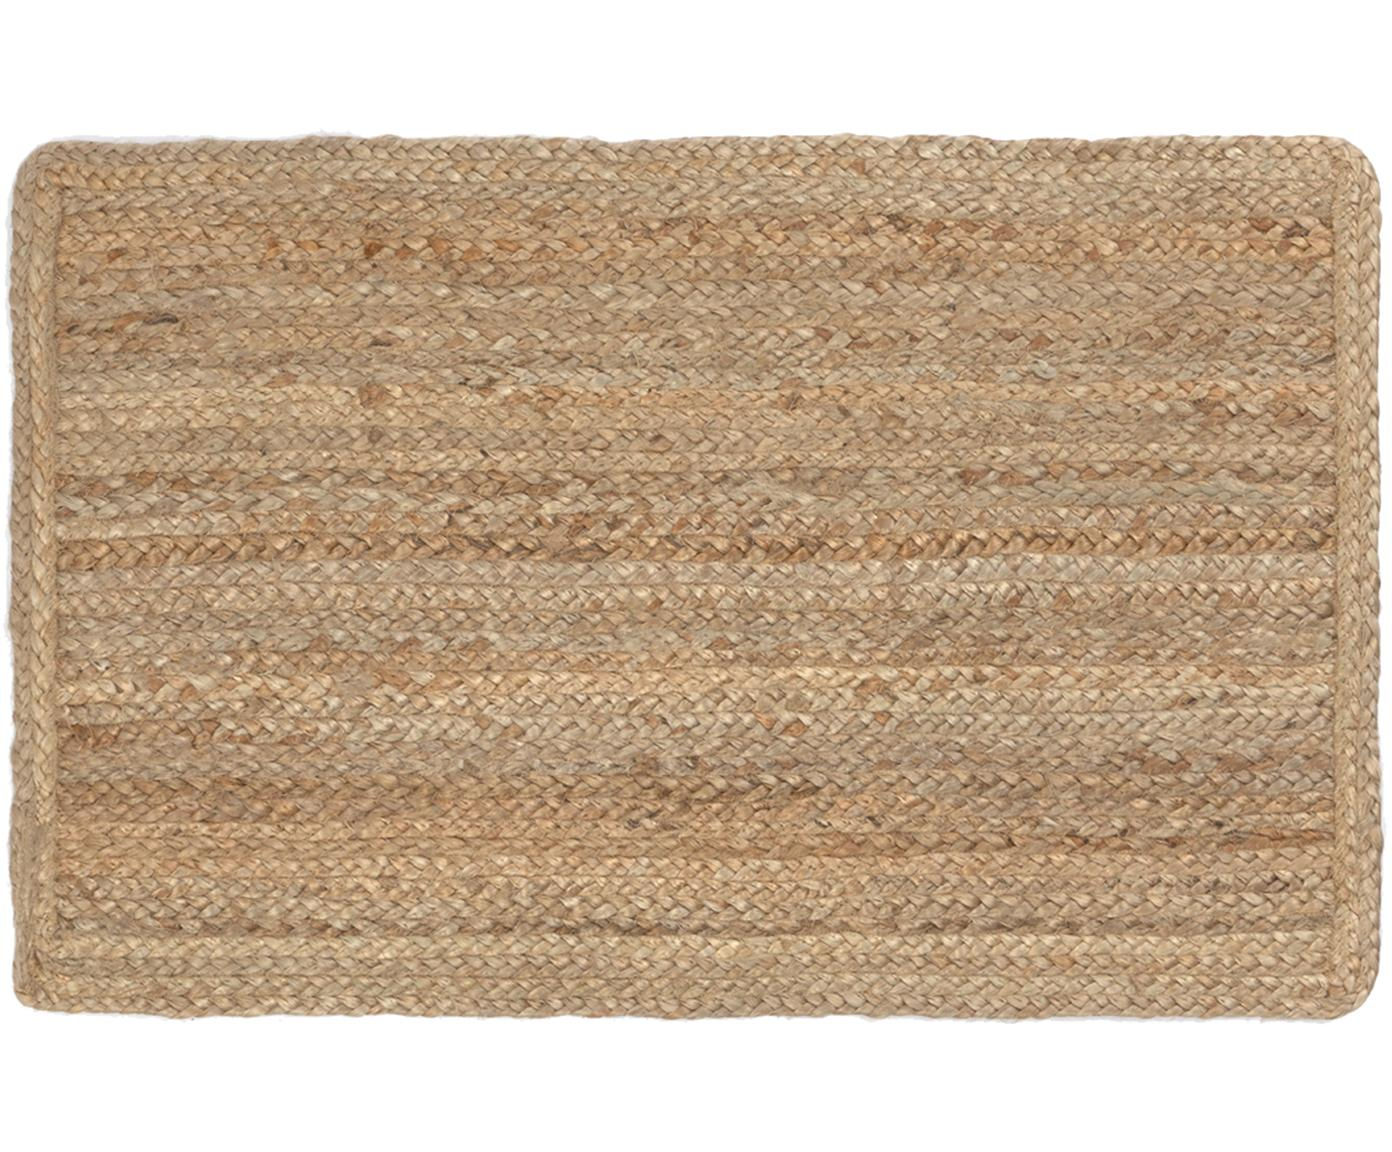 Juten deurmat Ural, Jute, Beige, 45 x 75 cm